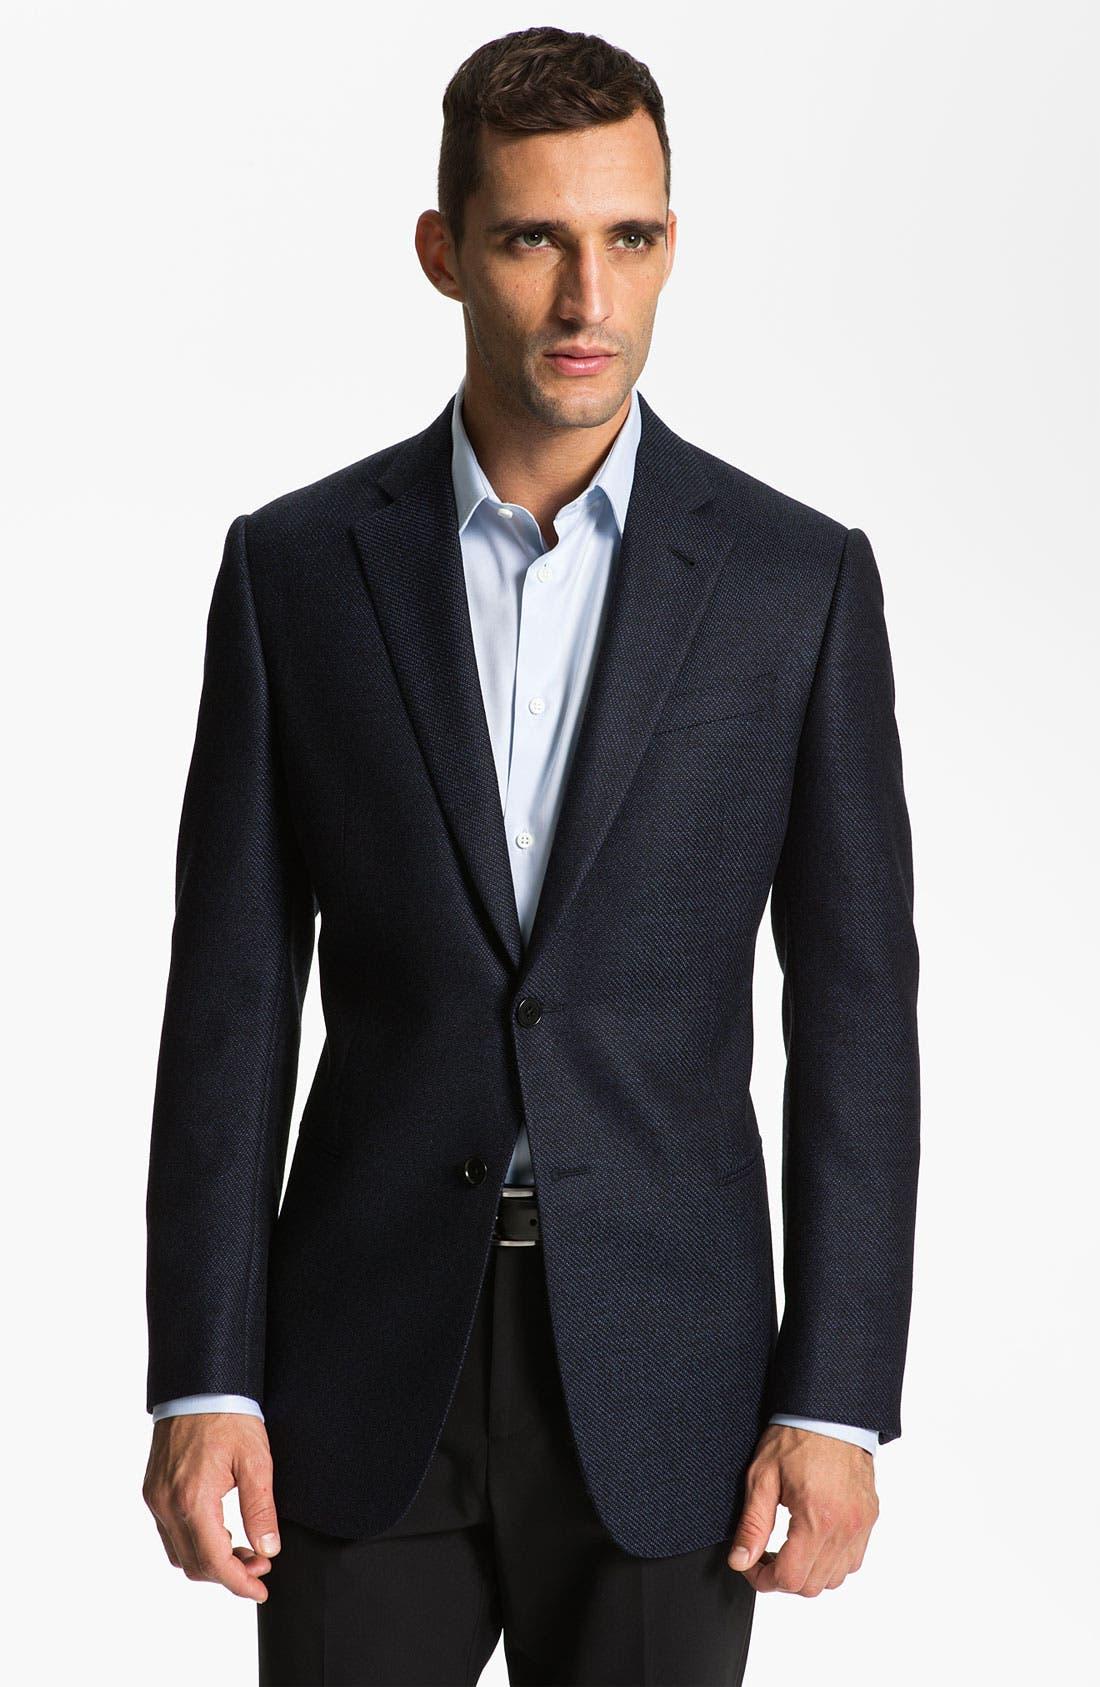 Main Image - Armani Collezioni 'Giorgio' Trim Fit Sportcoat